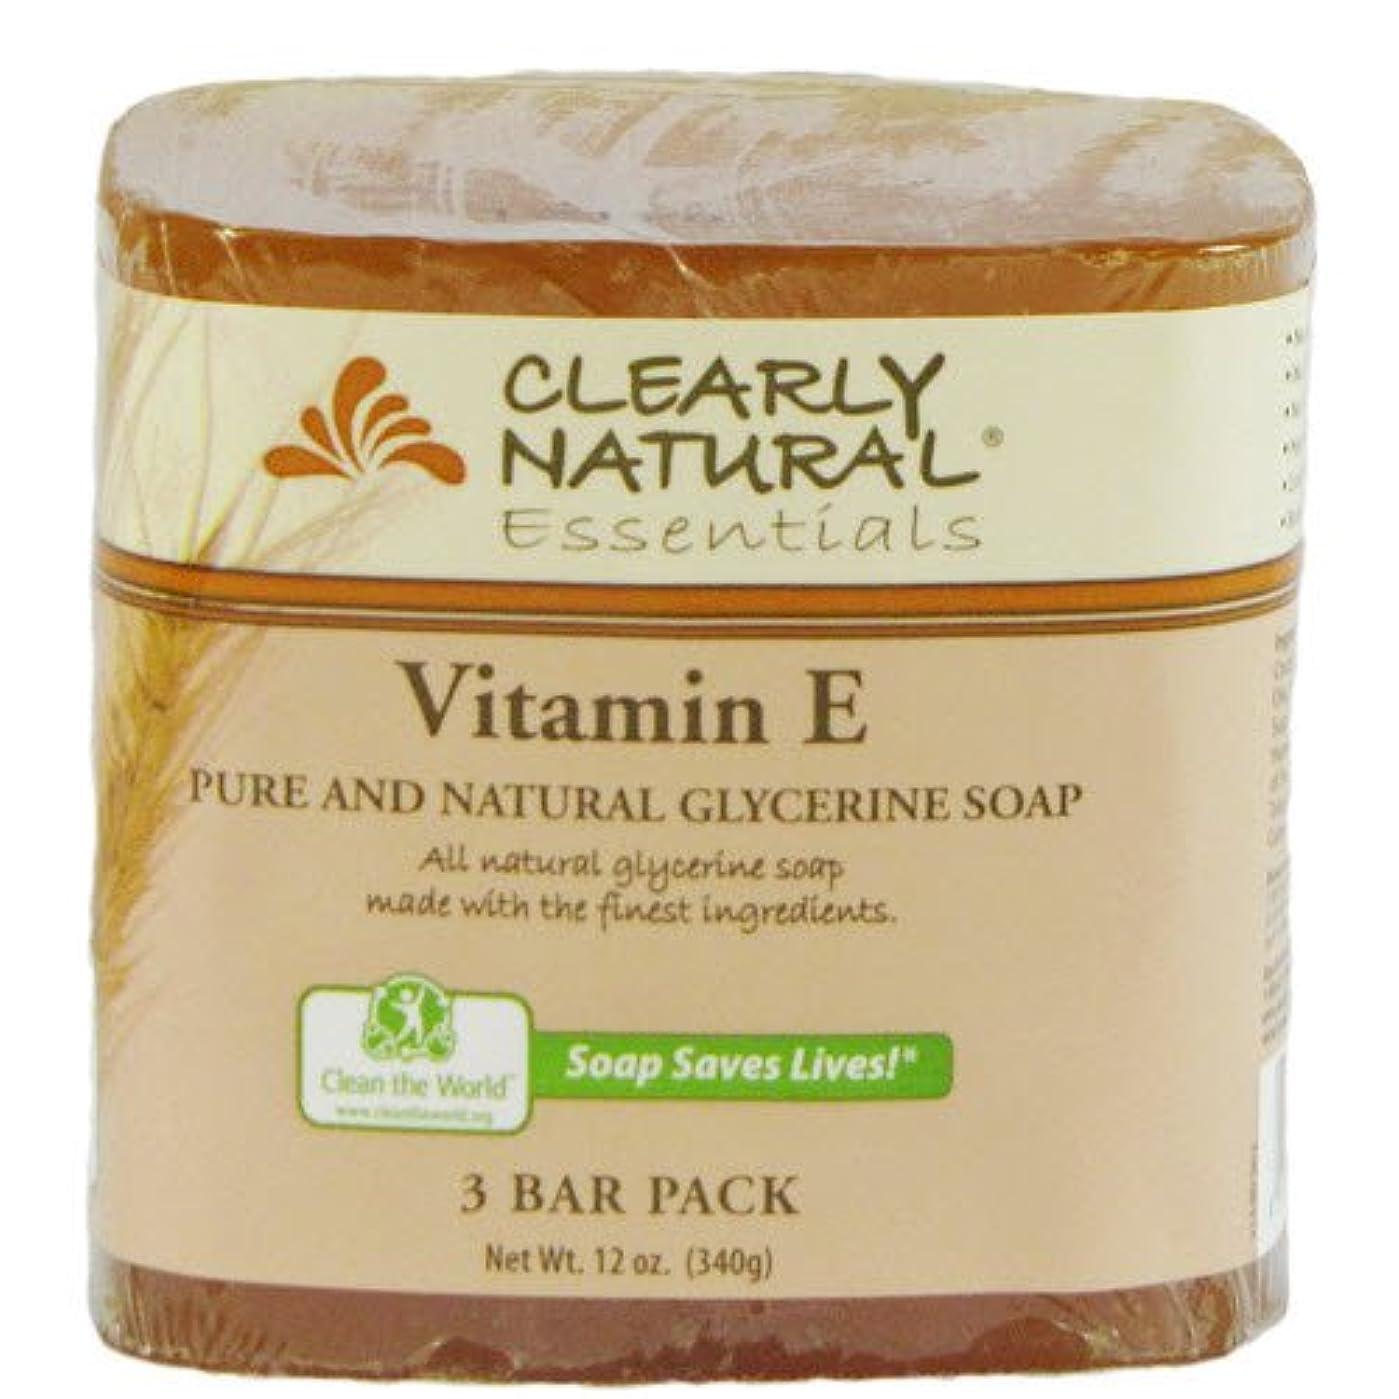 補償ジャンクプレゼントClearly Natural, Pure and Natural Glycerine Soap, Vitamin E, 3 Bar Pack, 4 oz Each